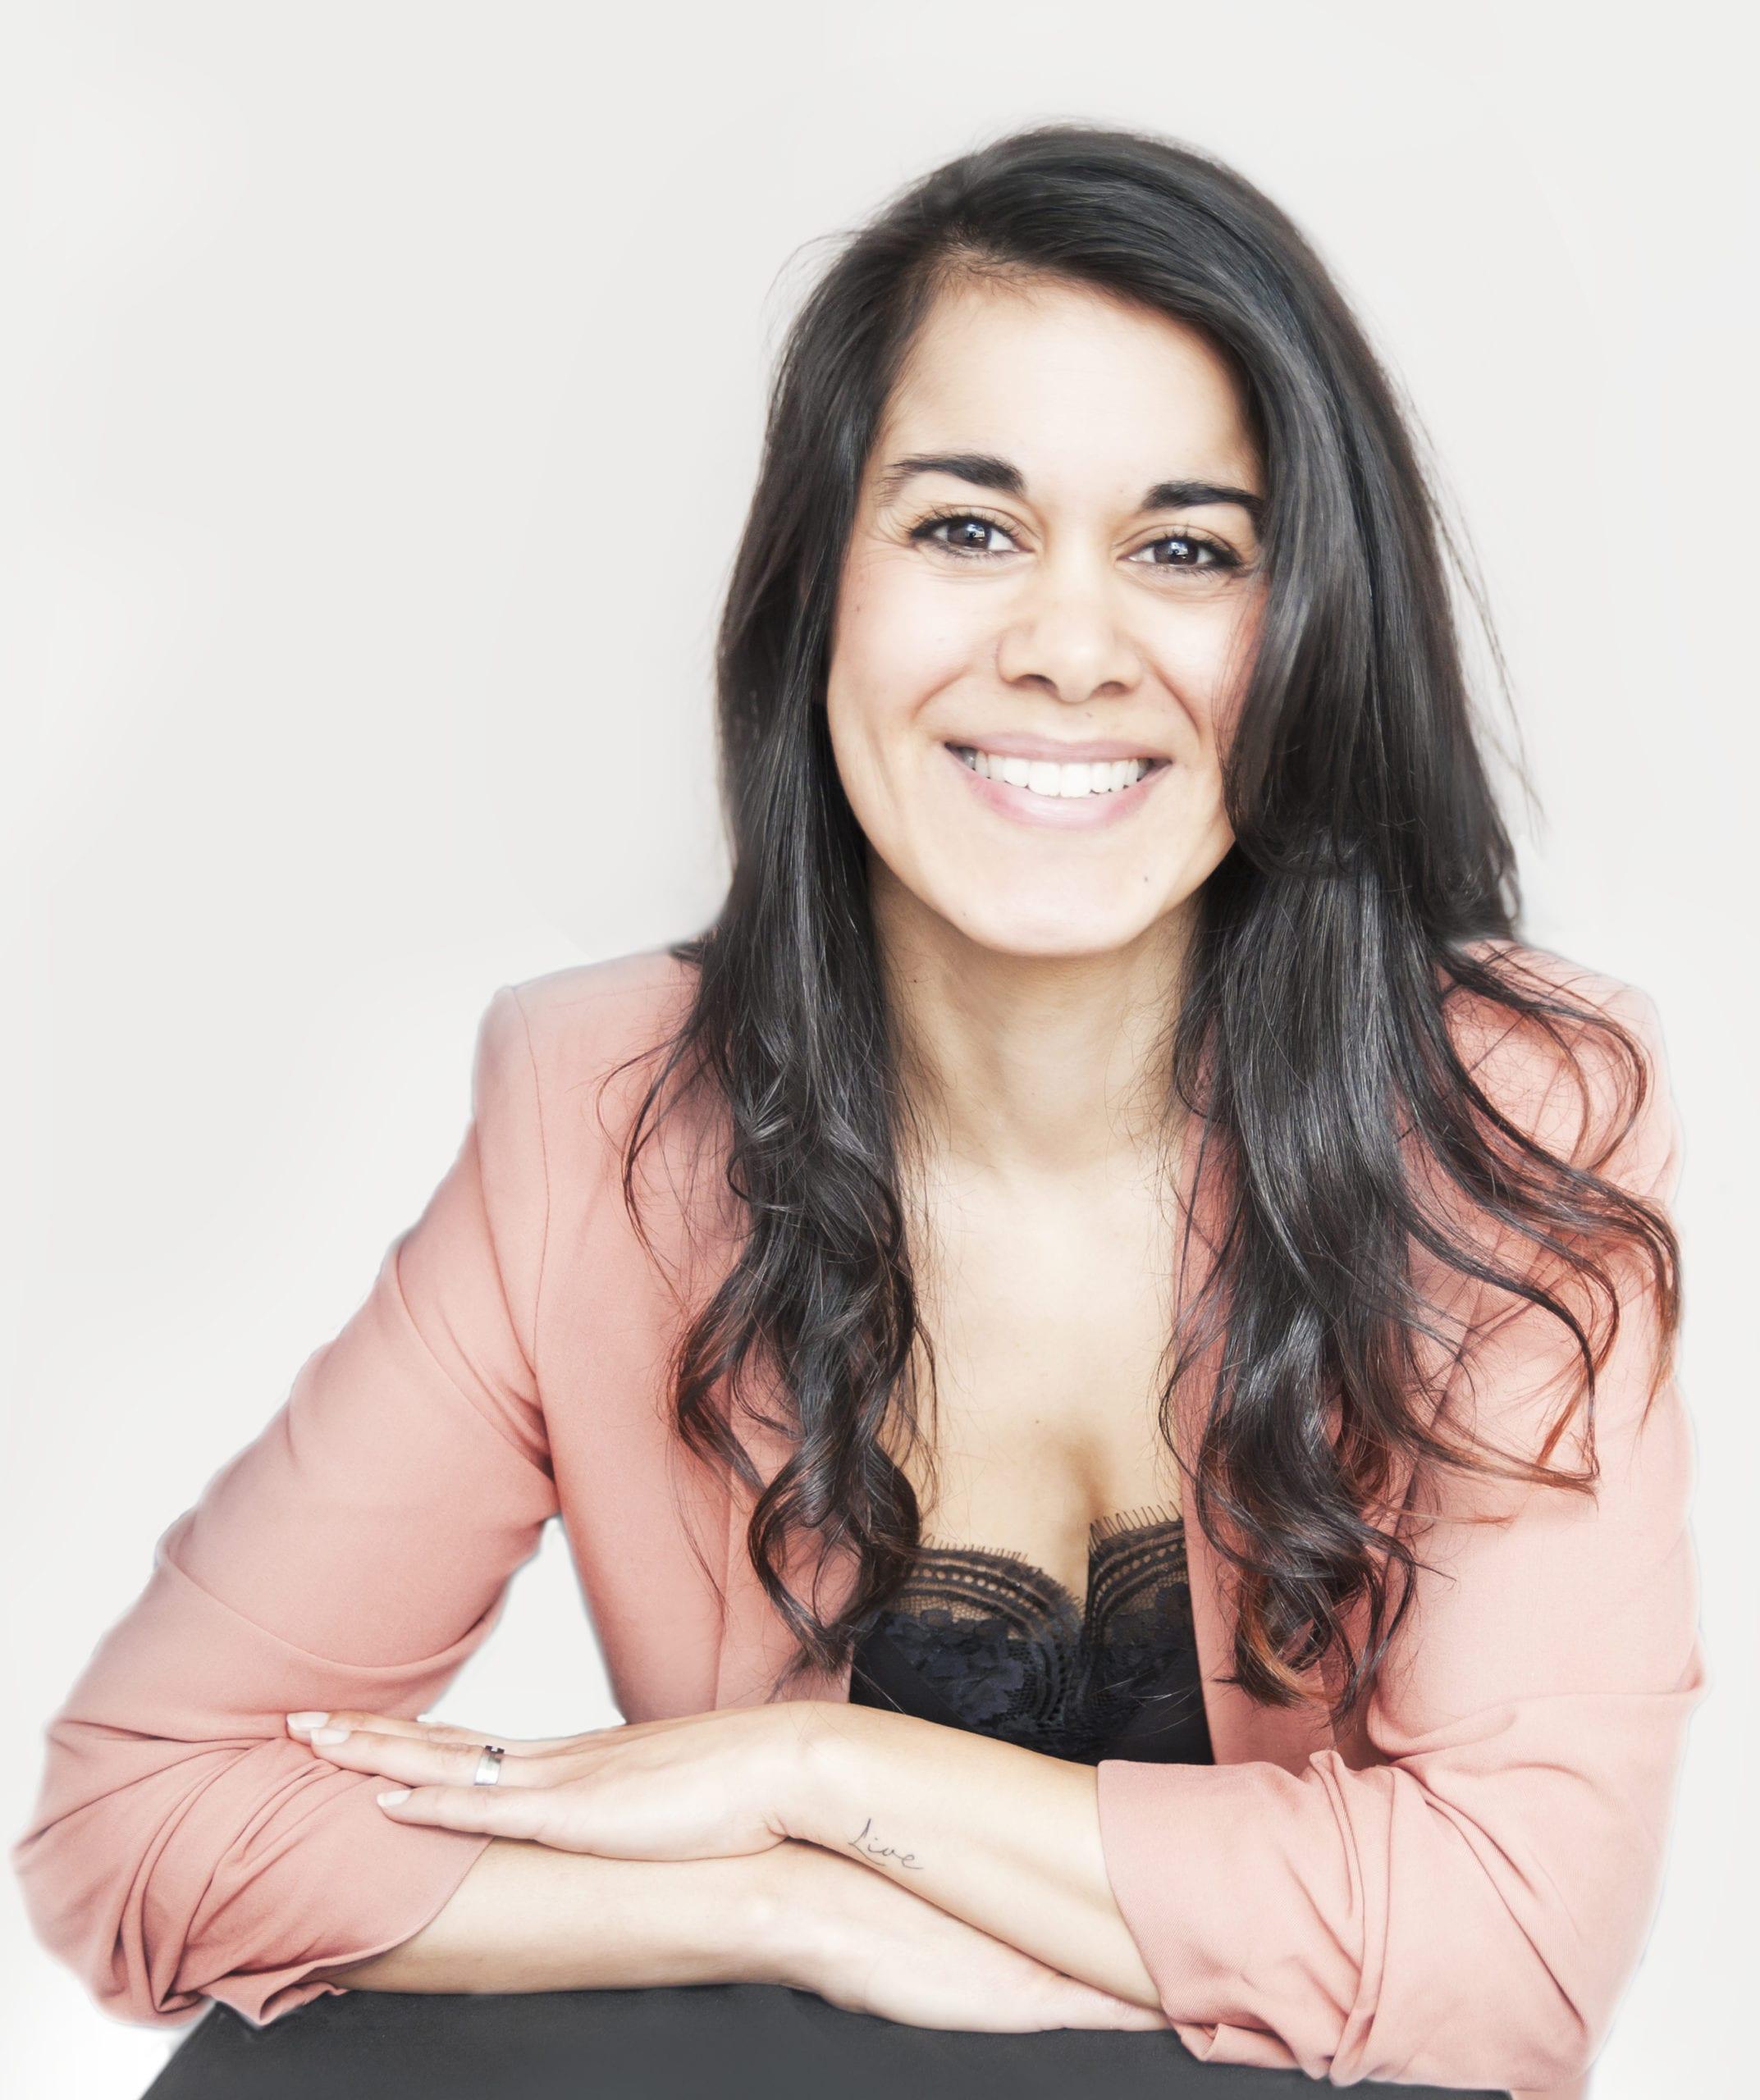 Nicole van hoorn - van den broek - en leef